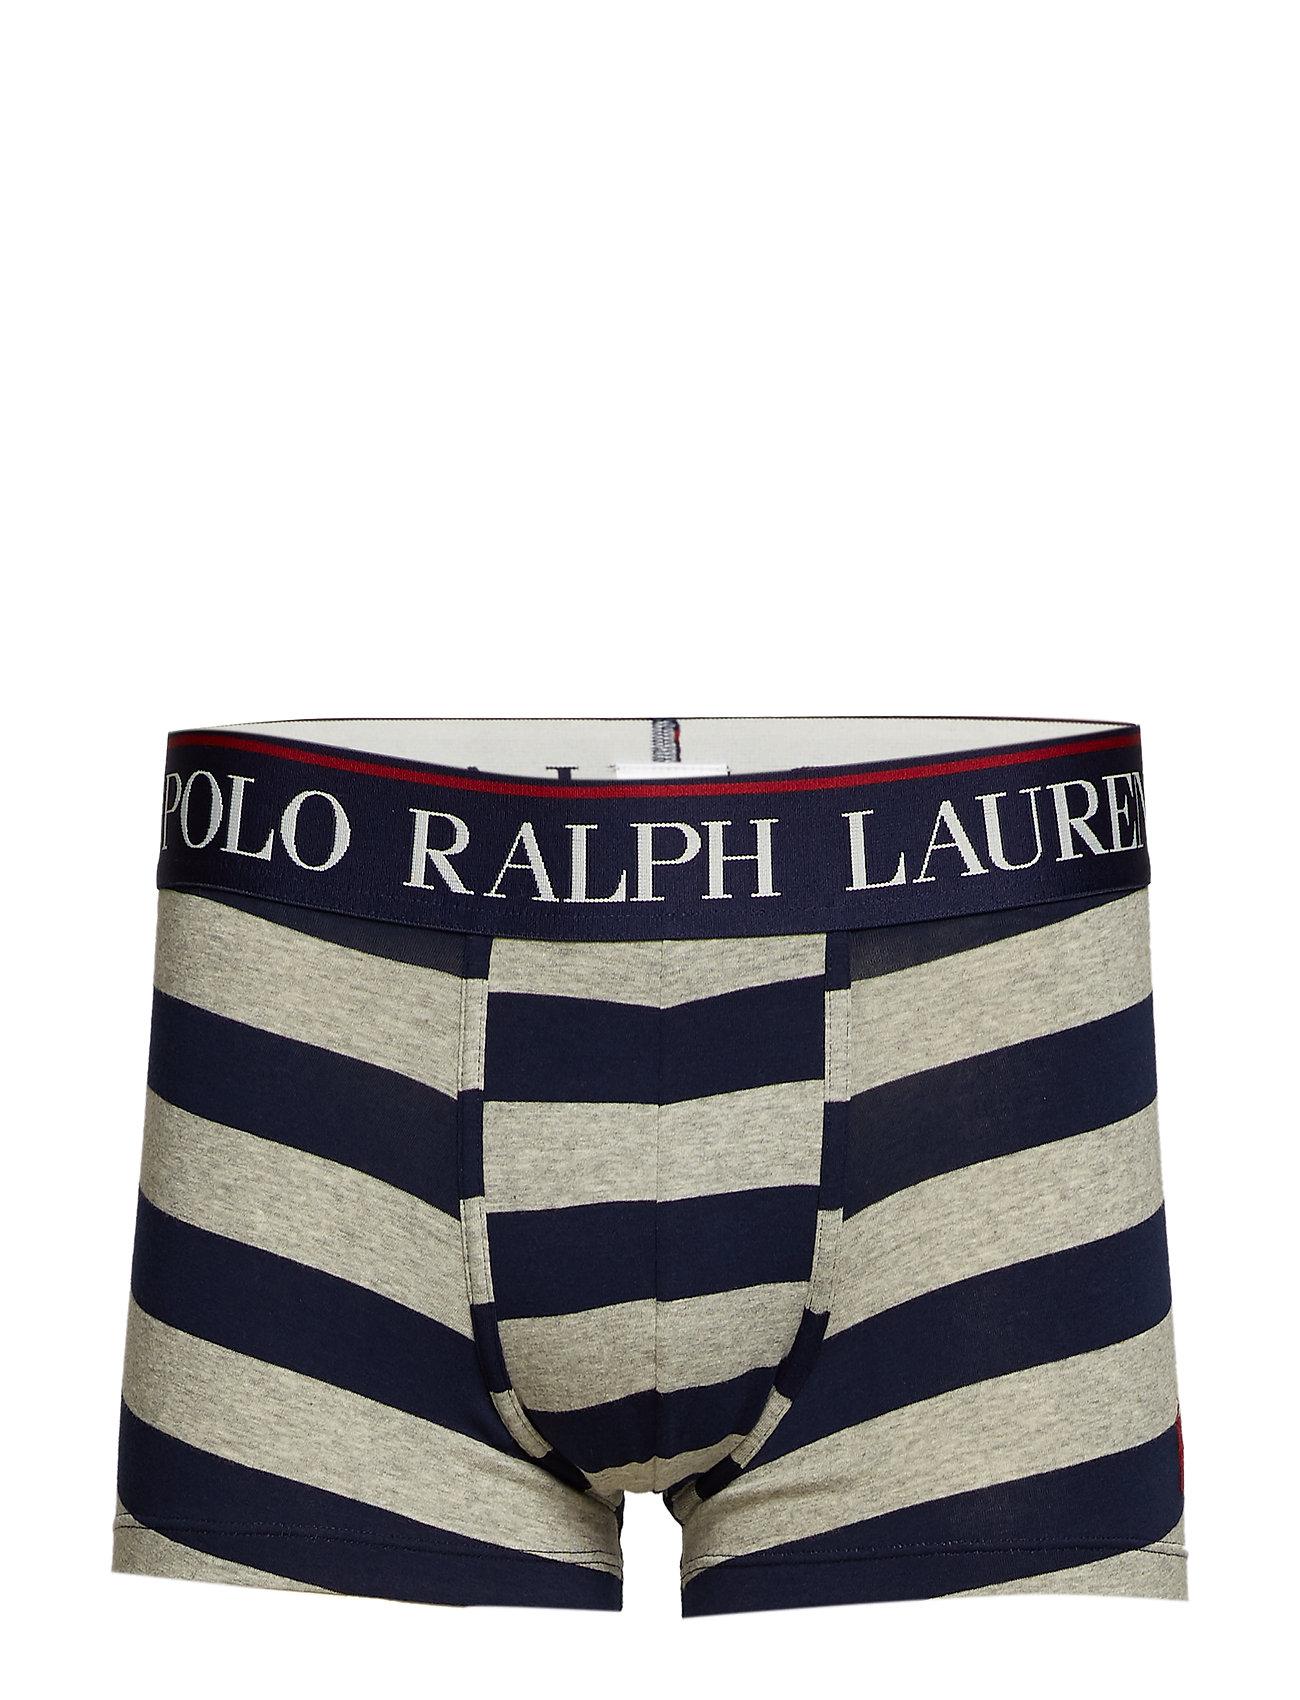 Lauren RugbyPolo Underwear Ralph Trunkcruise Navy Striped Stretch Cotton vOmn0yNw8